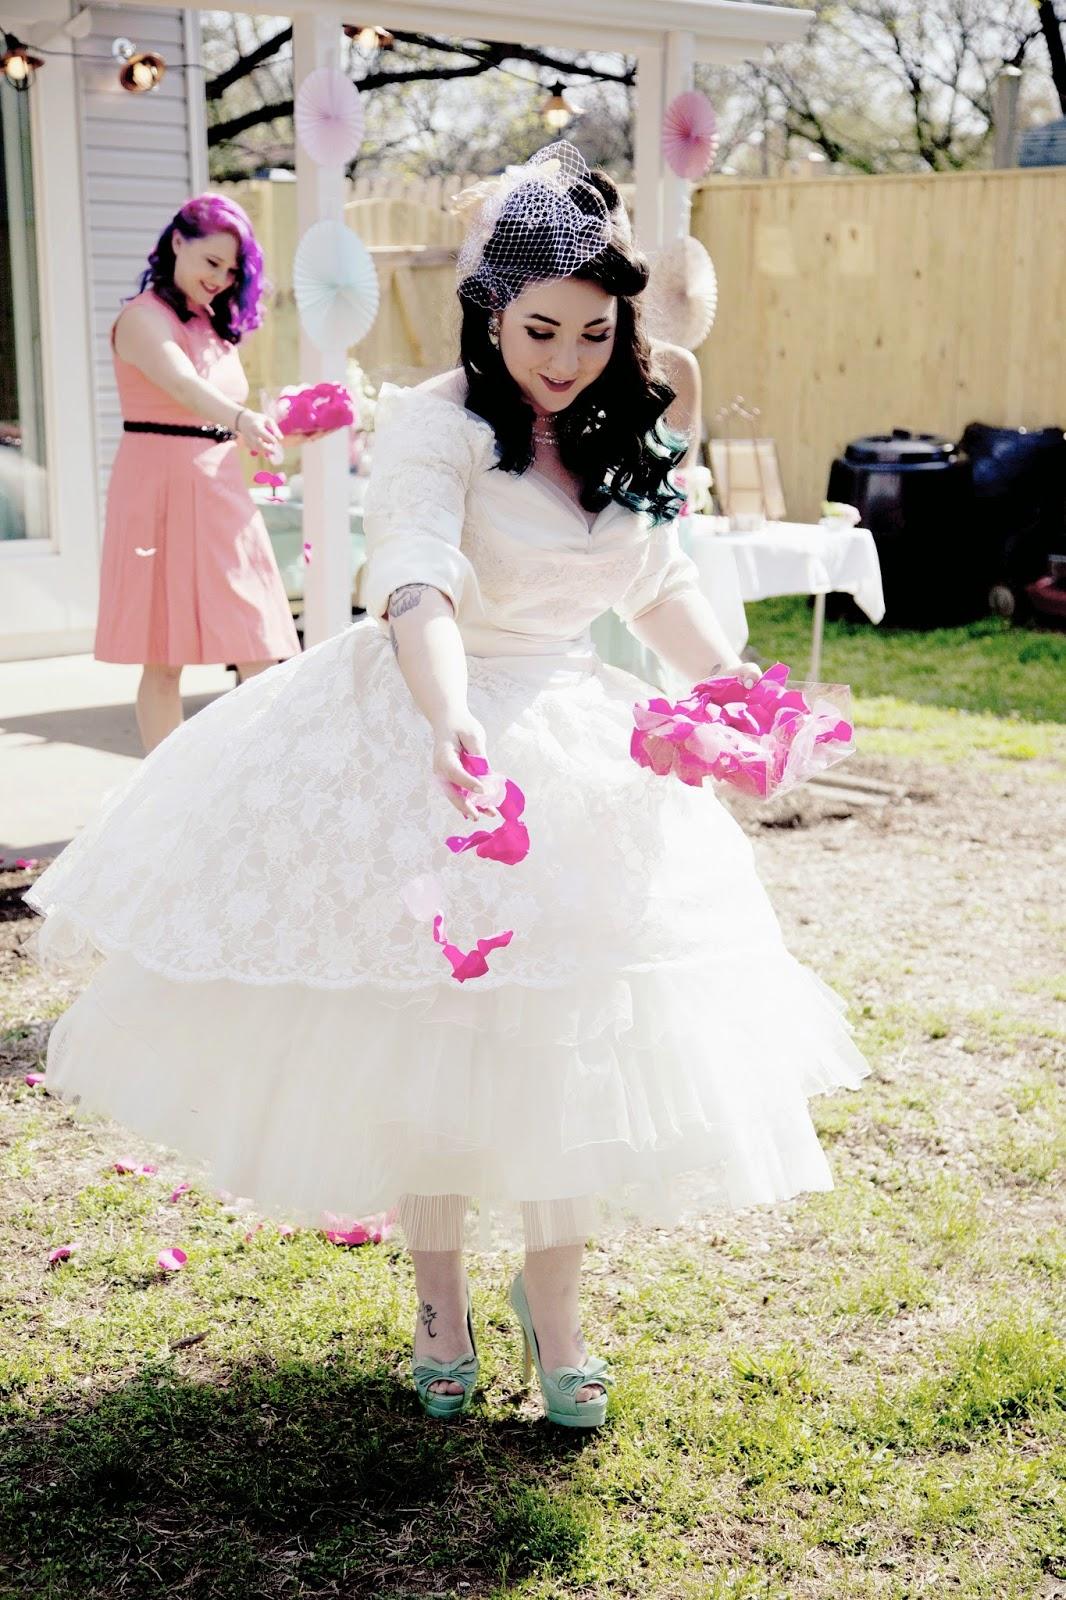 Lola, Tangled: DIY Vintage Backyard Wedding on a Tiny Budget